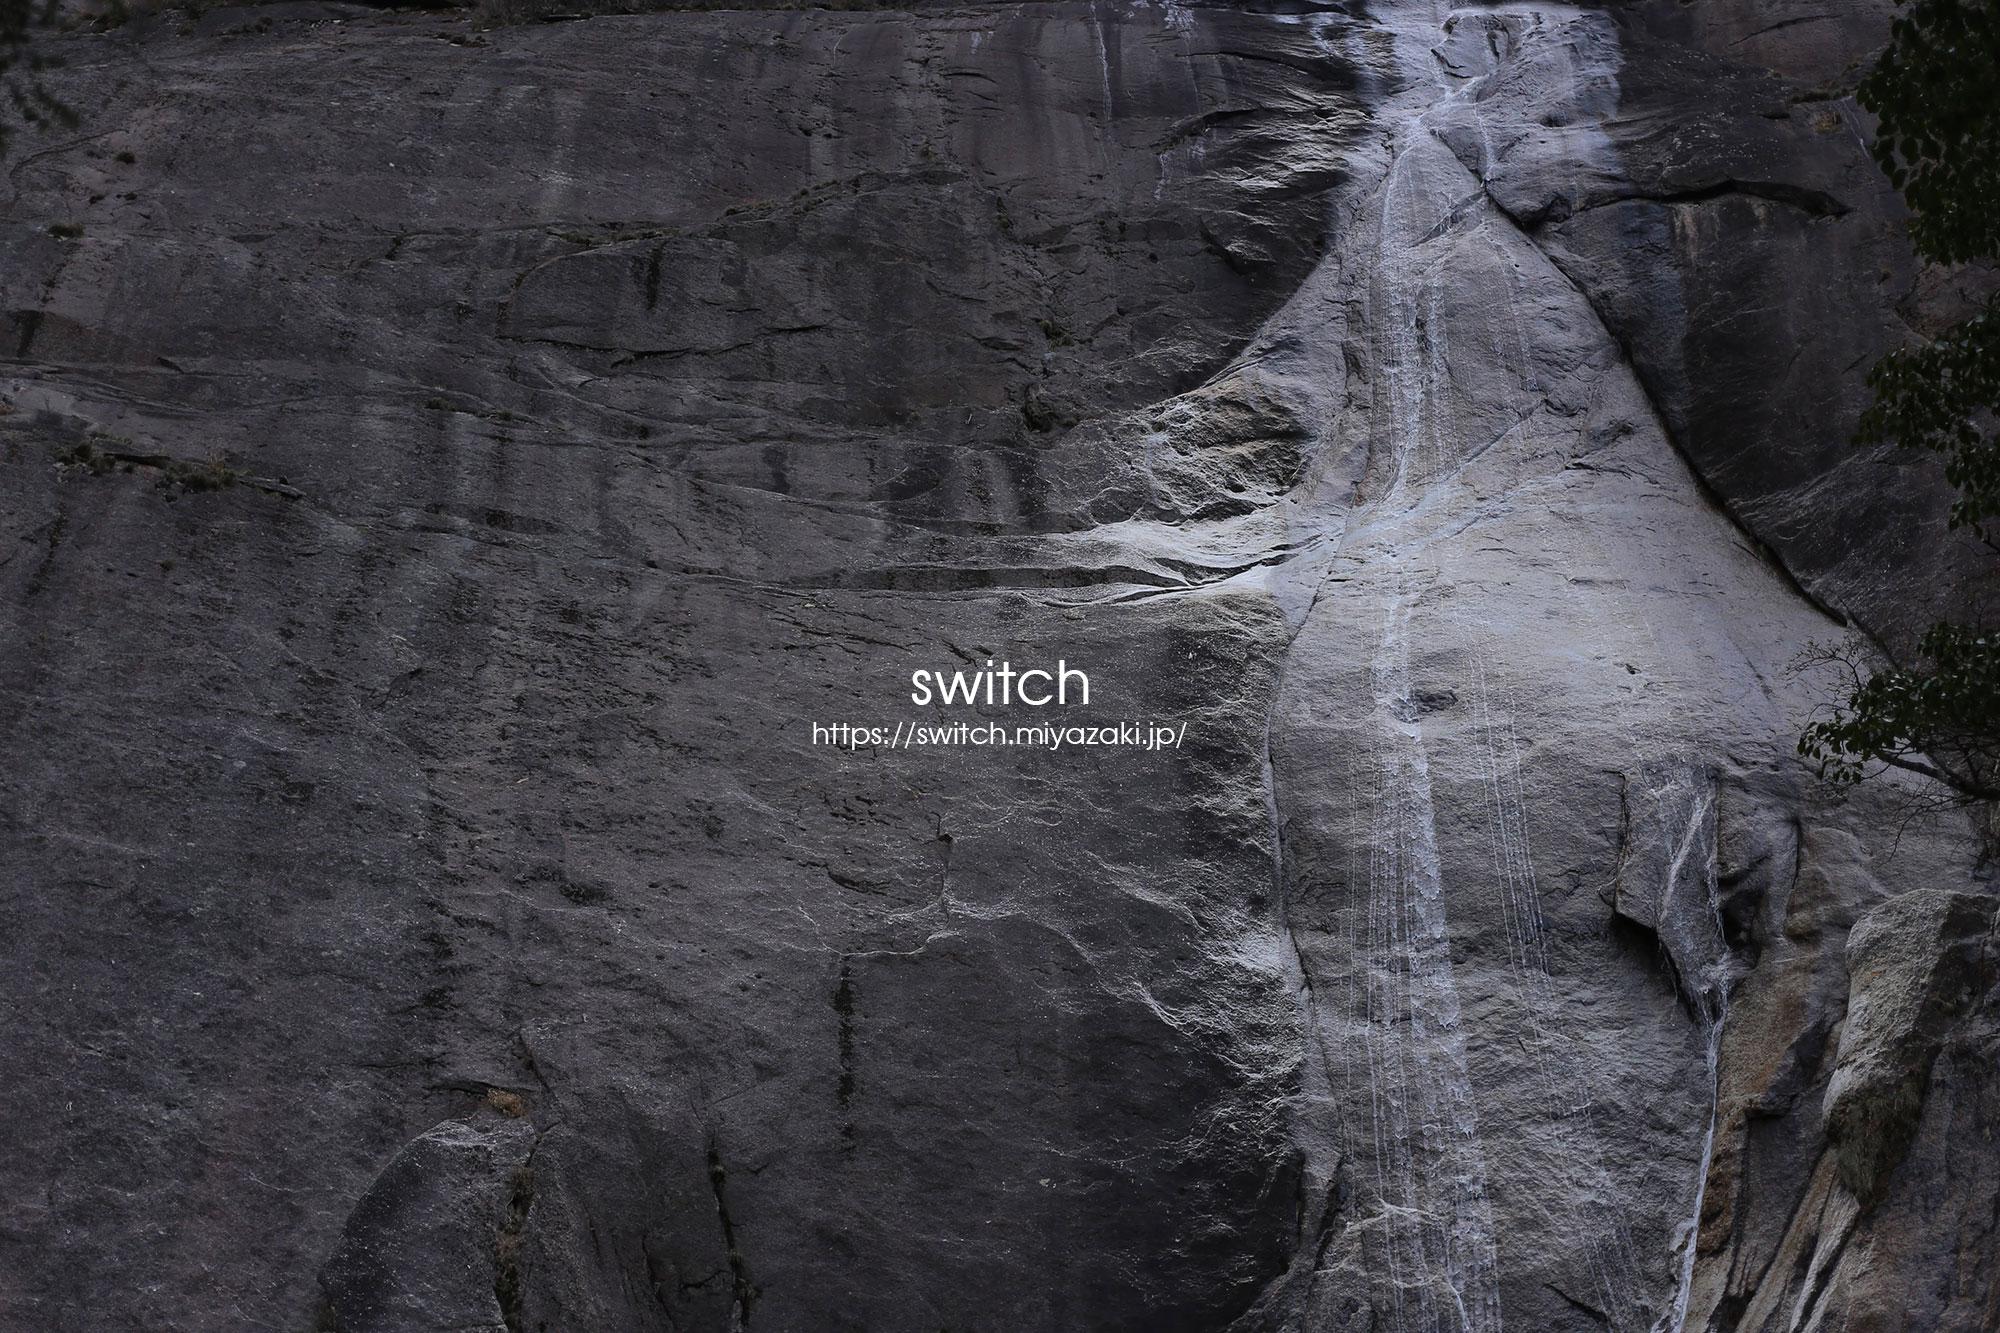 switch(画像クリックでリンク先へ移動します)